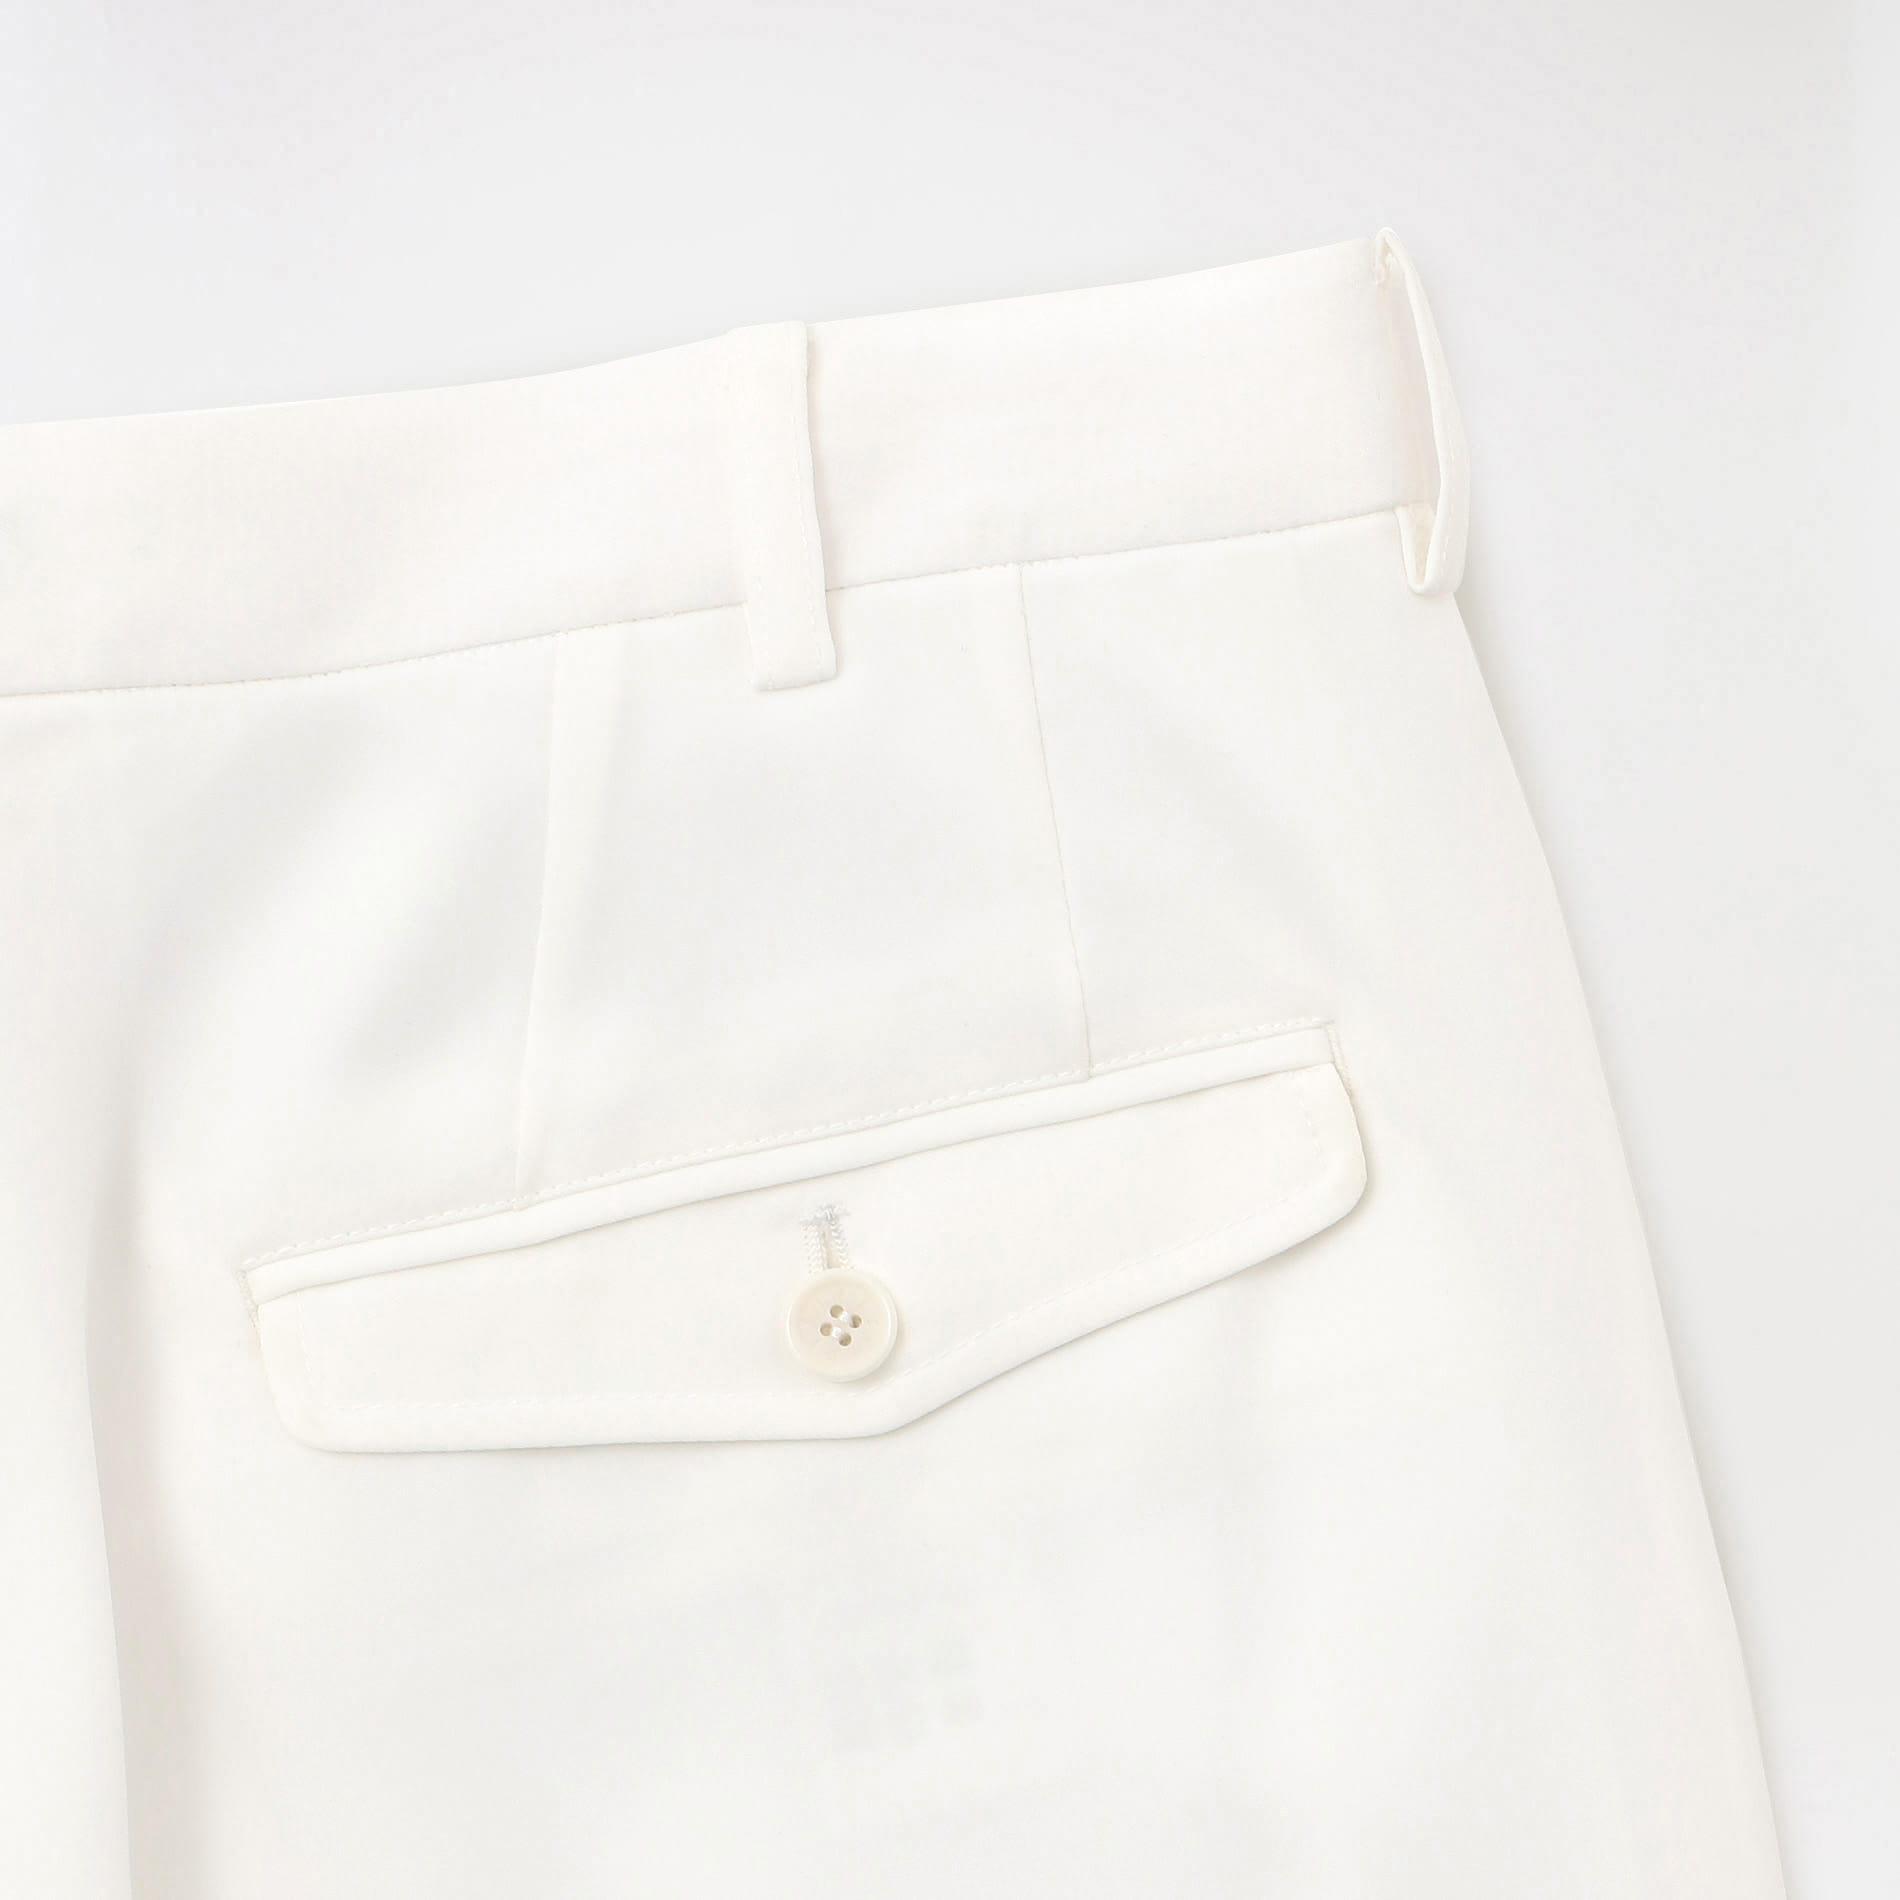 韓美林 藍印花布 ショートパンツ